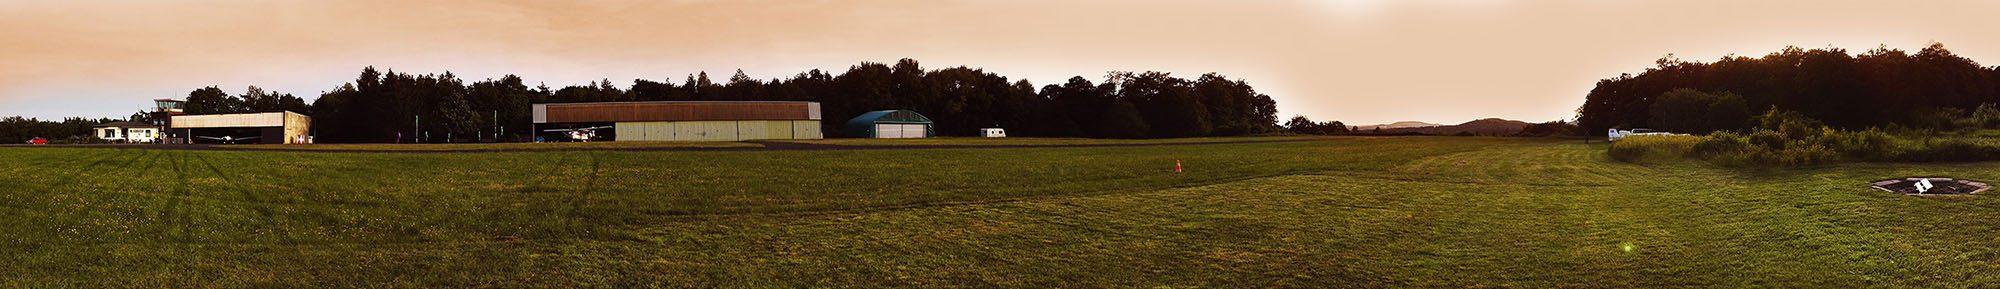 Headerbild: Panorama-Fotos unseres Grillfests am 21.05.2016 direkt am Flugplatz